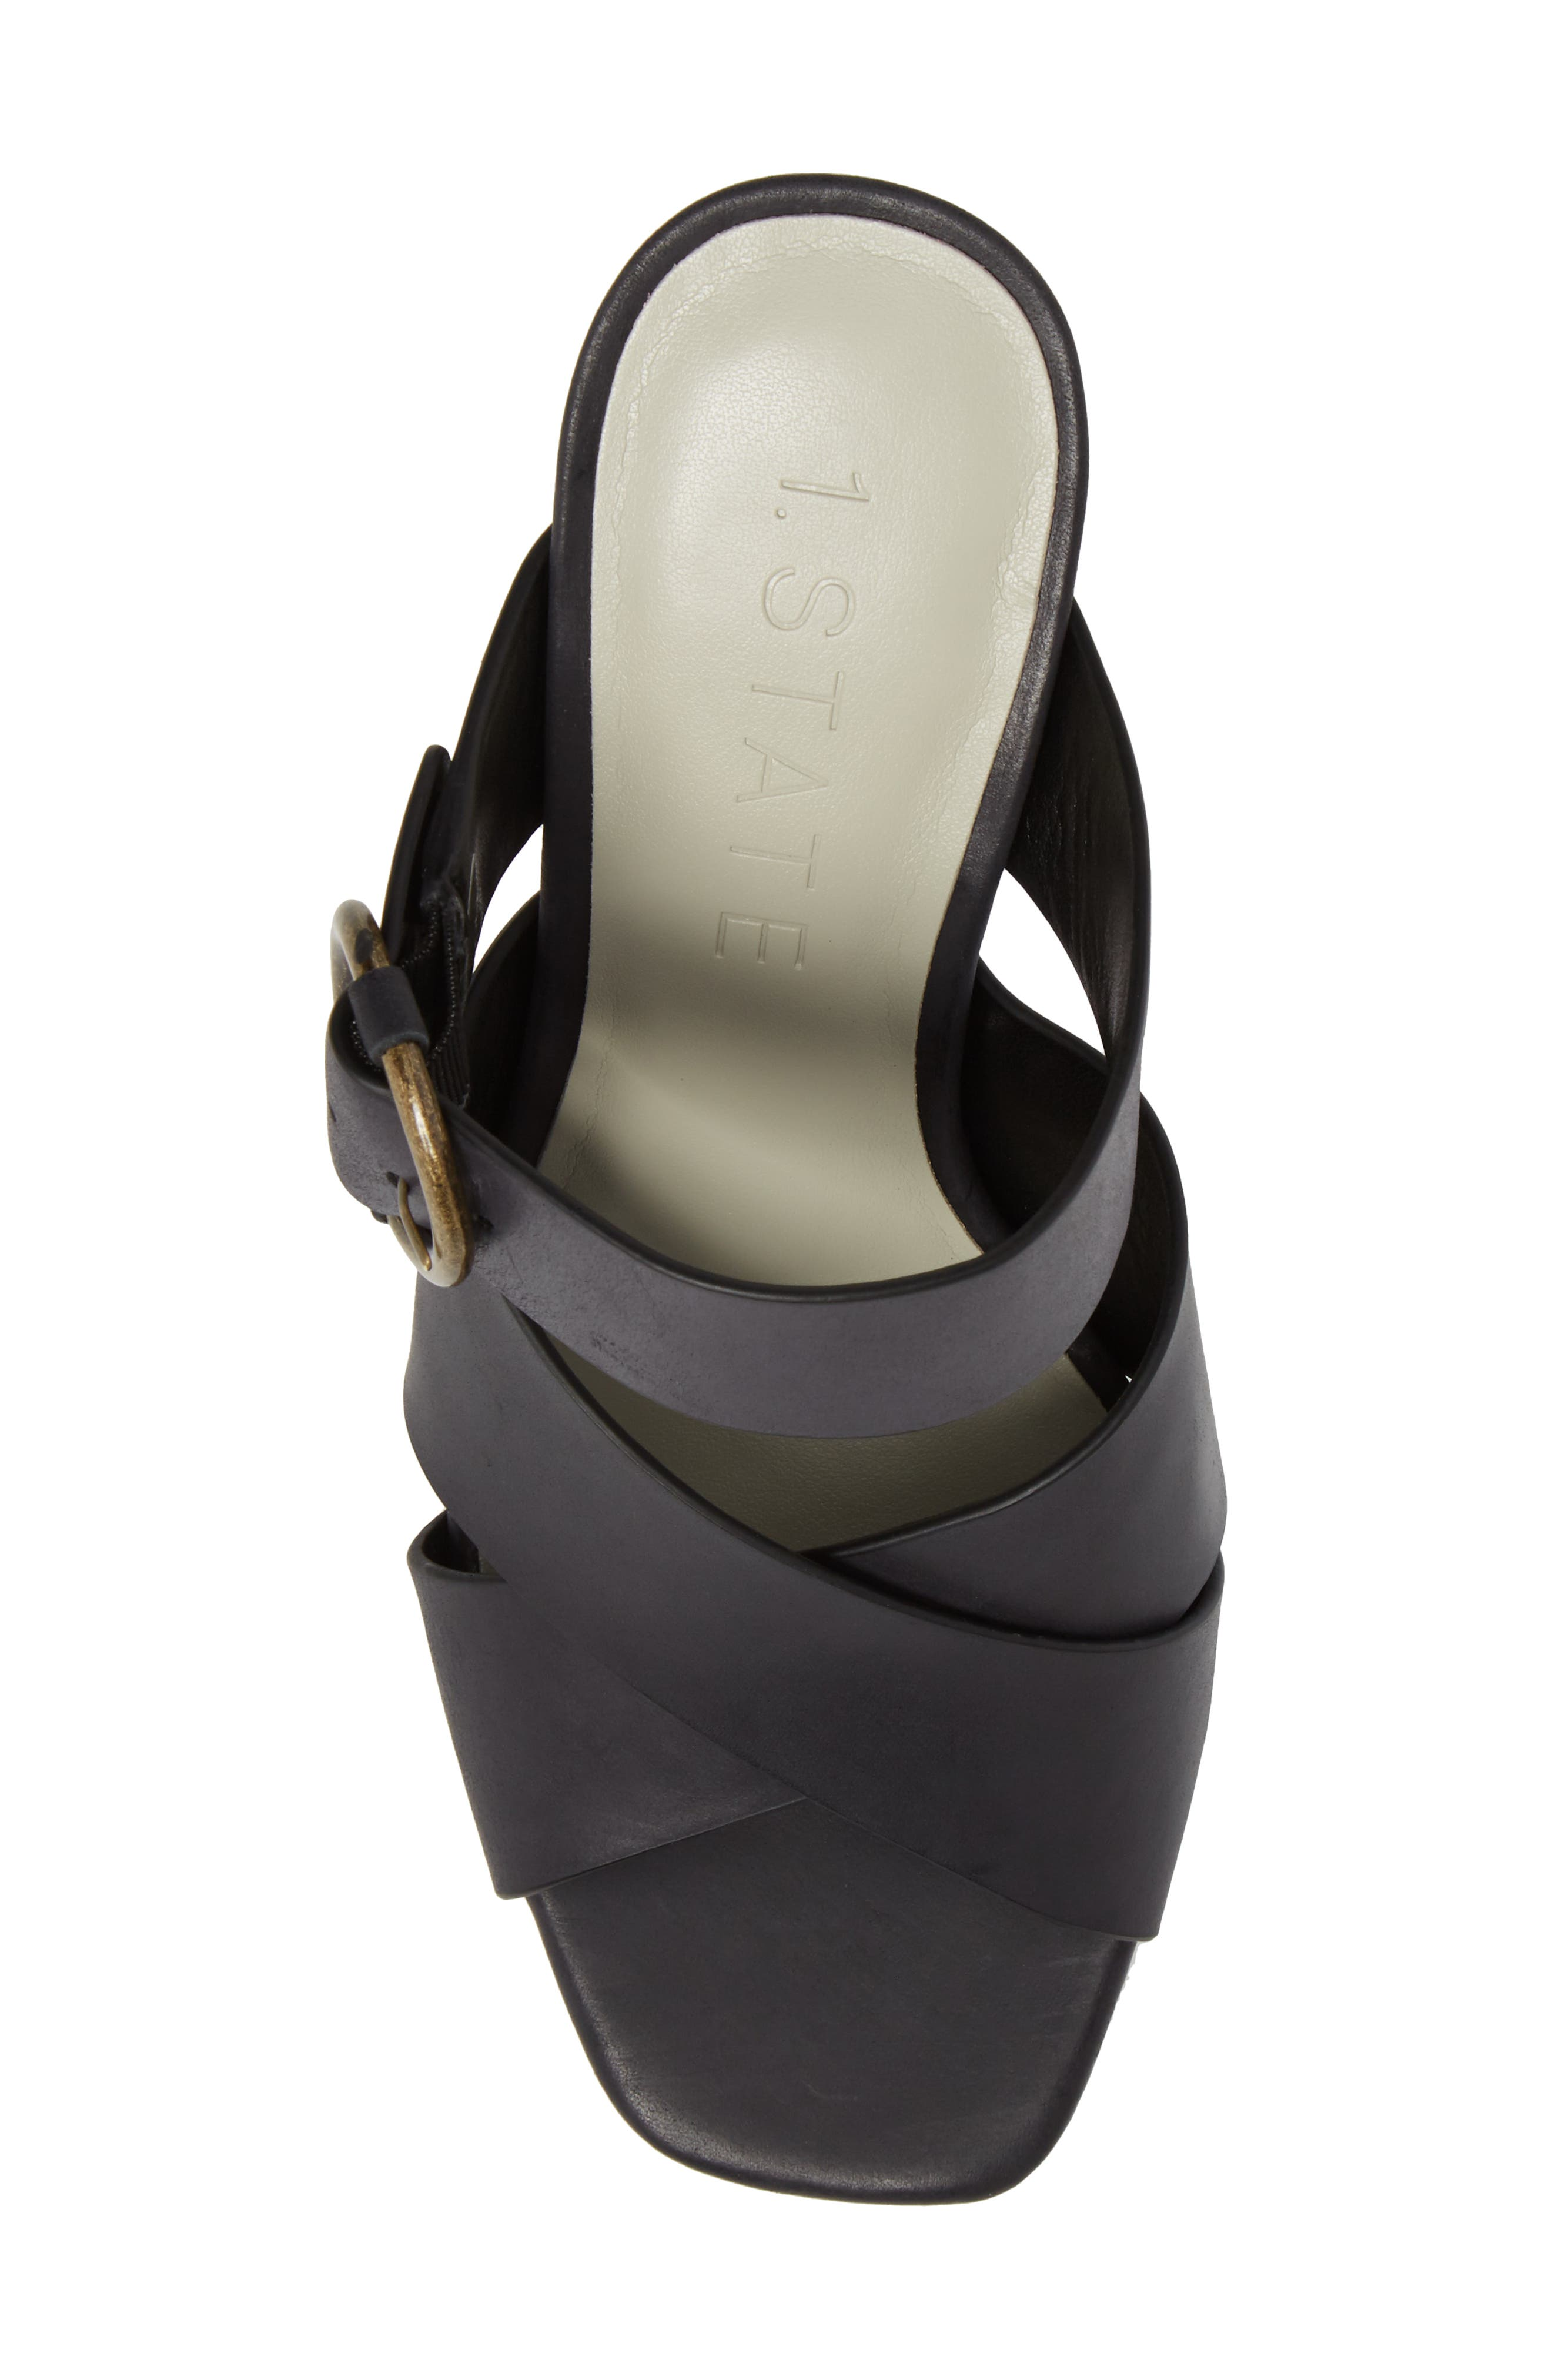 Icendra Flared Heel Mule Sandal,                             Alternate thumbnail 5, color,                             BLACK LEATHER